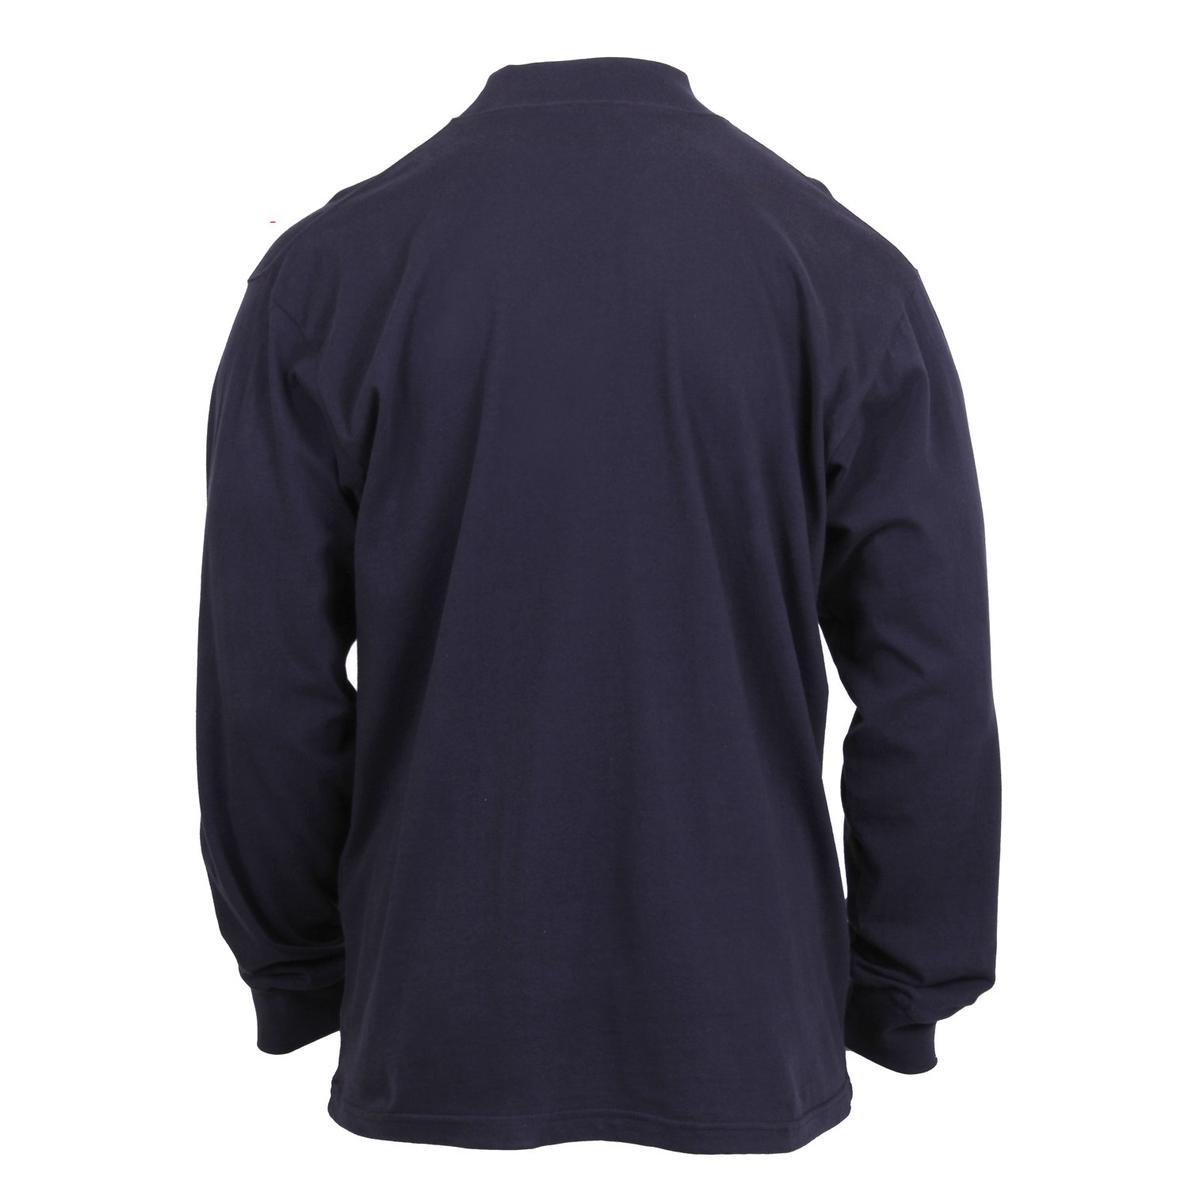 Rothco mock turtleneck tactical shirt ebay for Mens mock turtleneck shirts sale